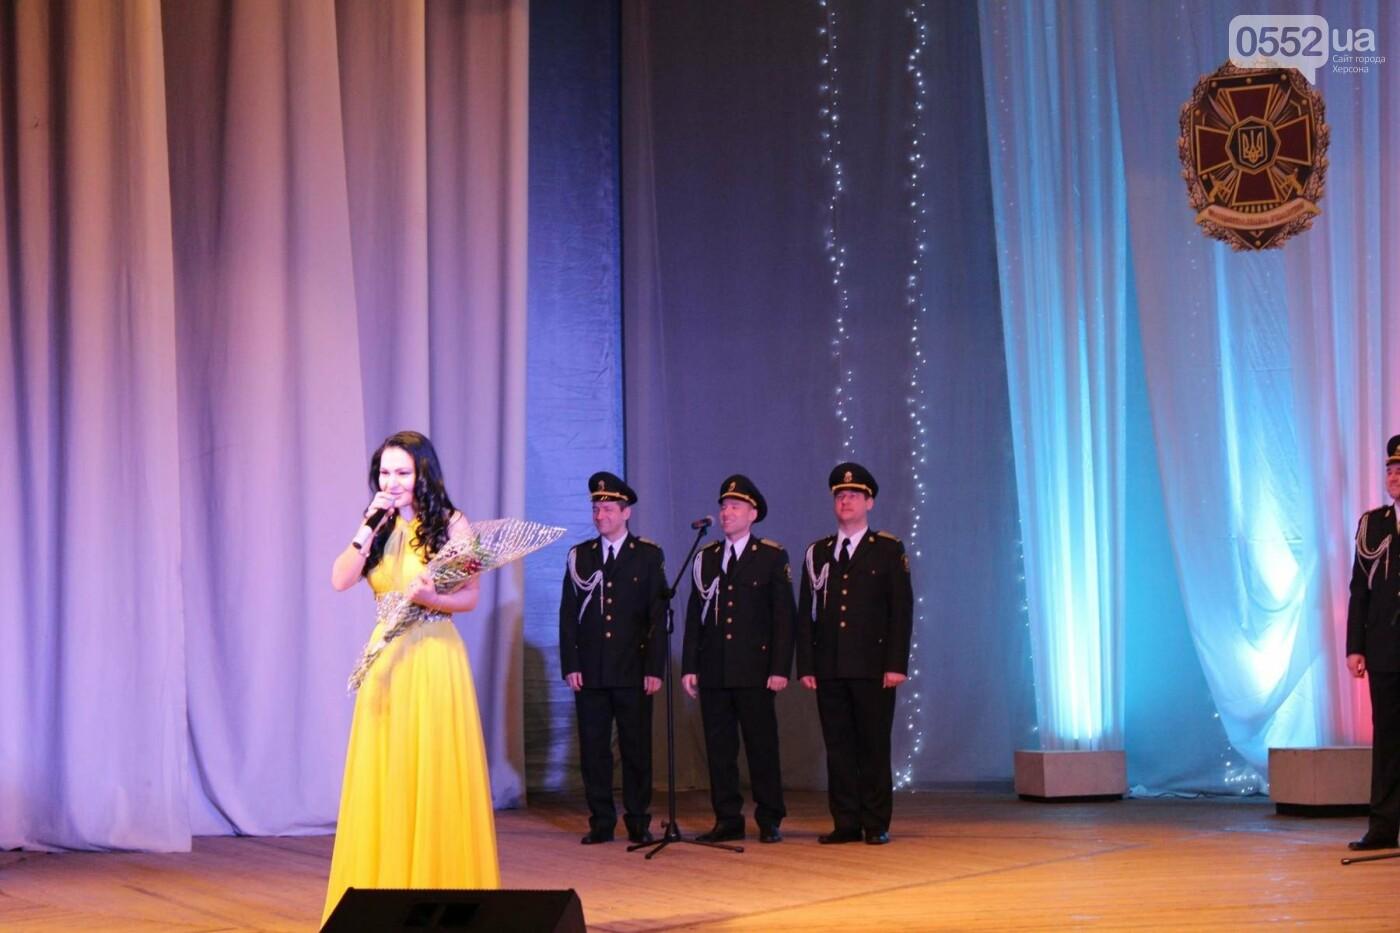 В Херсоне выступил Академический ансамбль песни и танца НГУ, фото-1